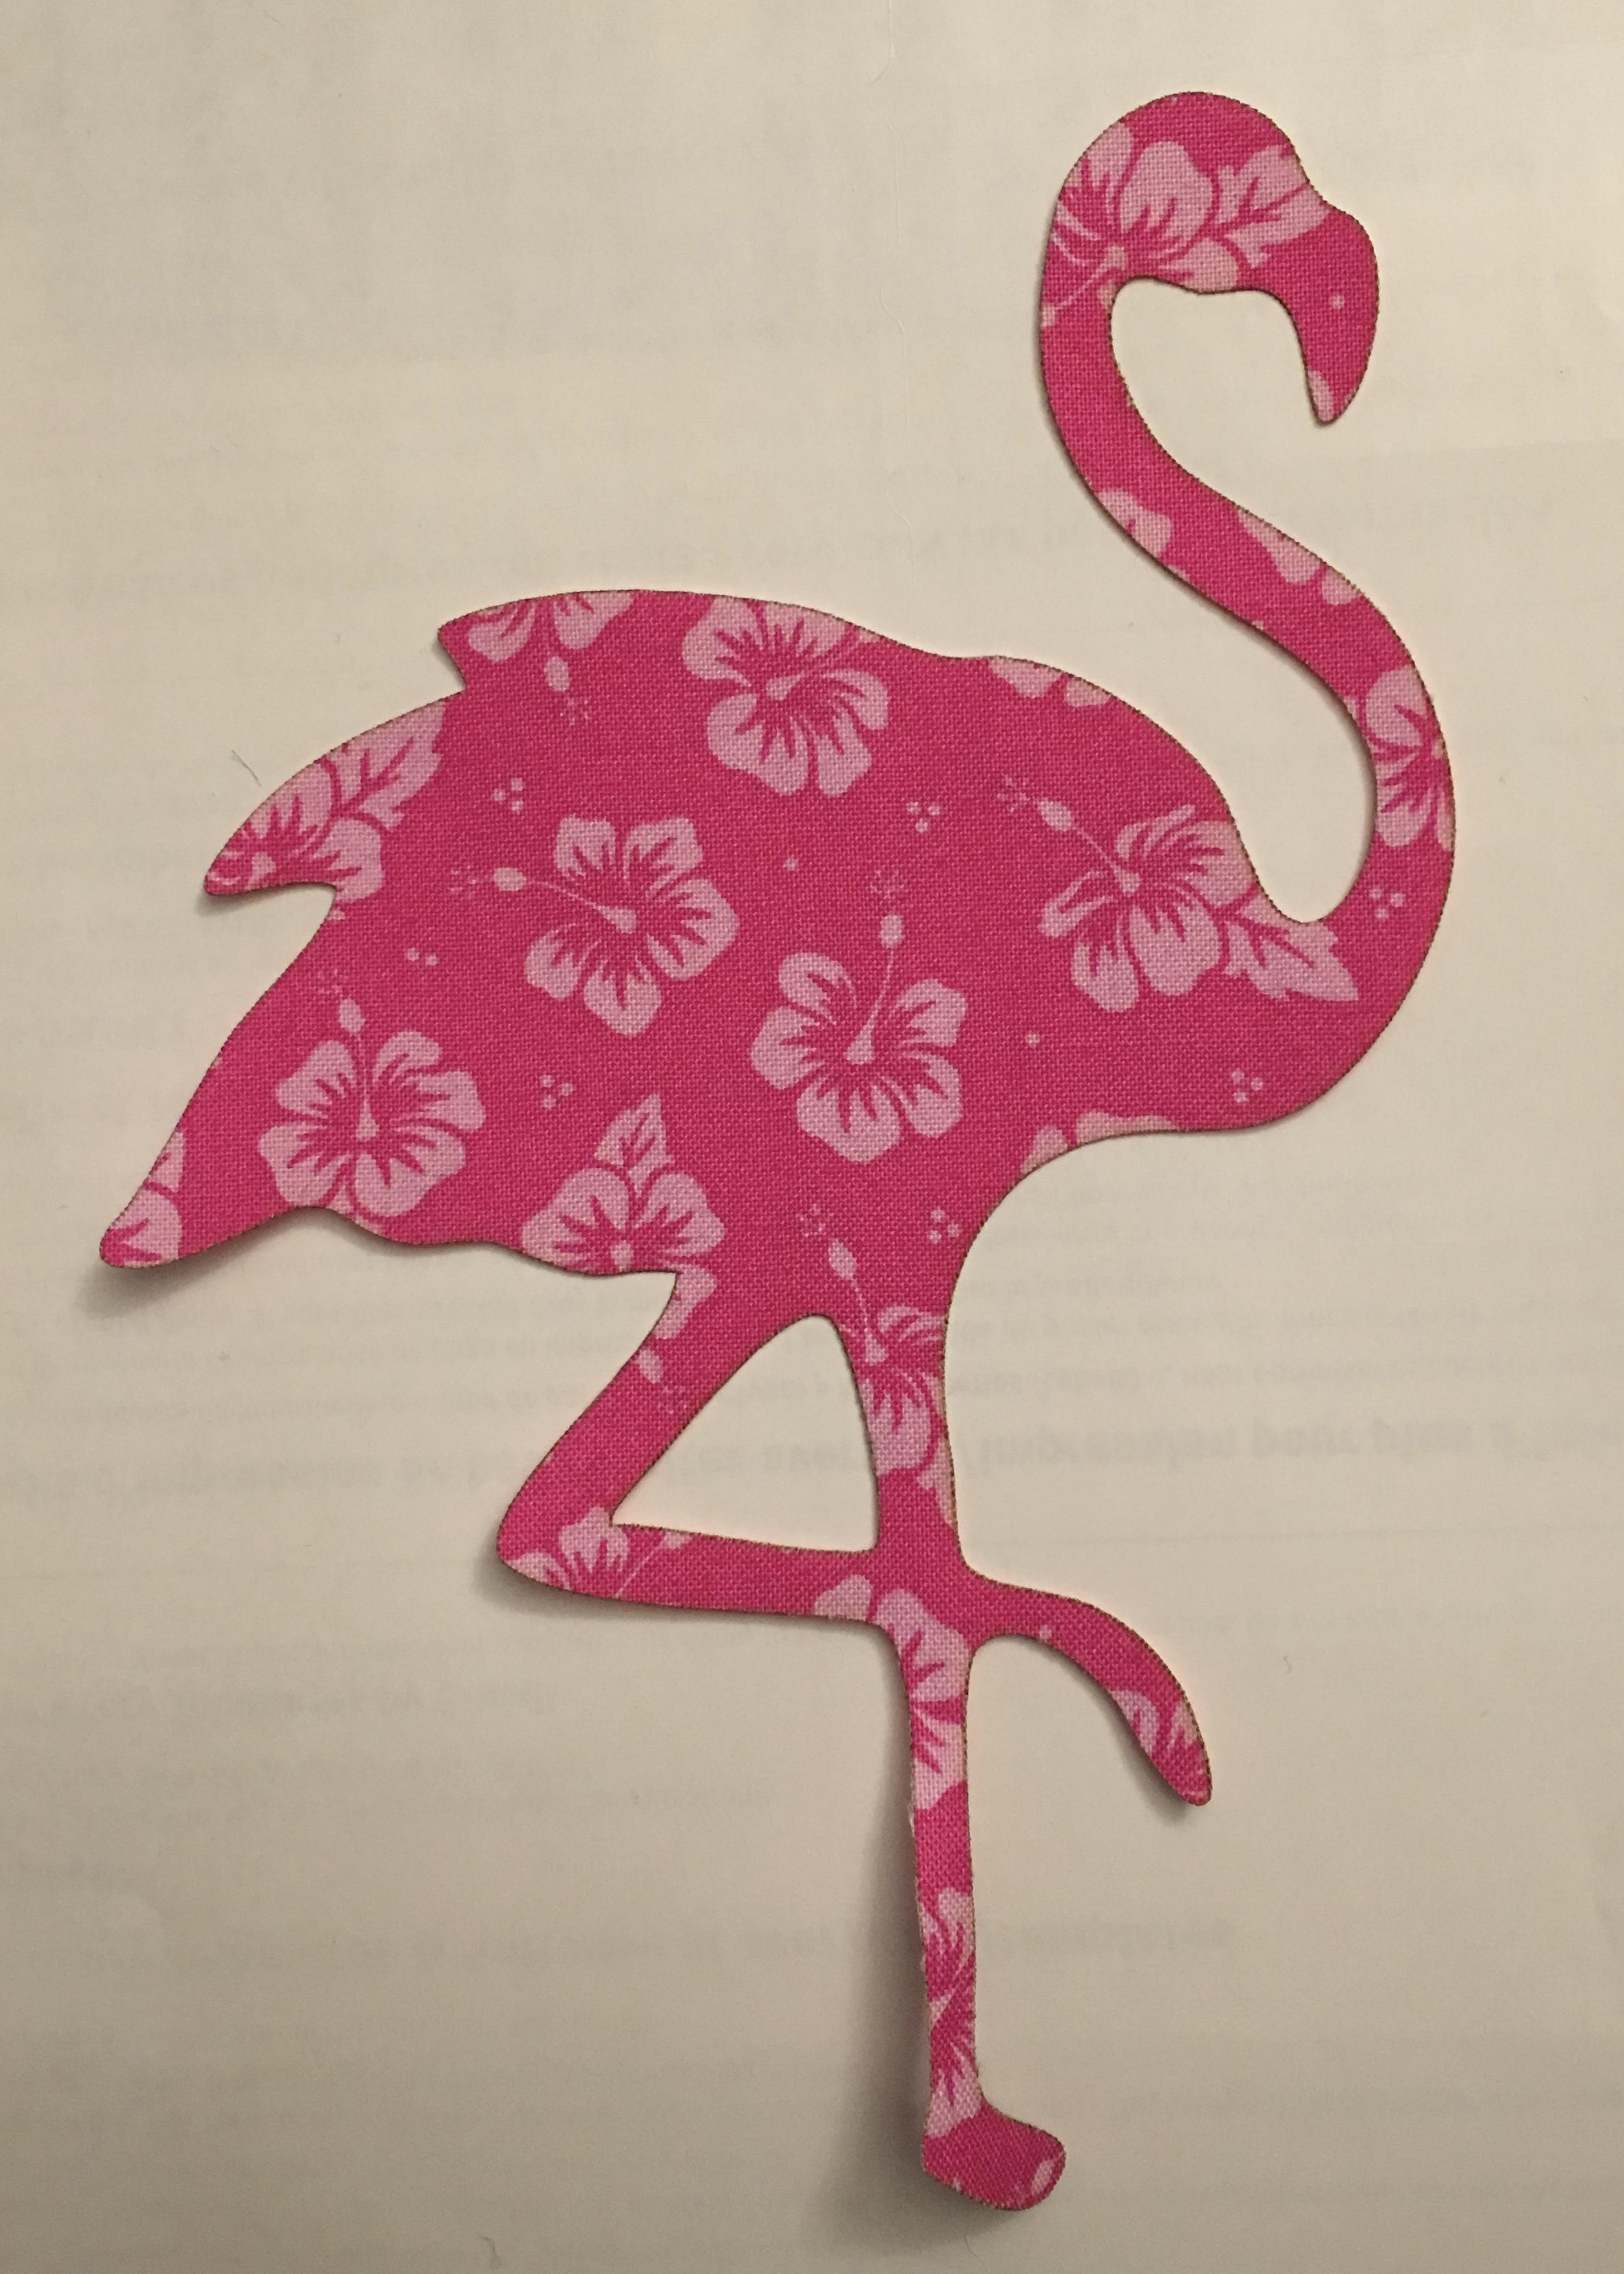 6in. Flamingo Appliques